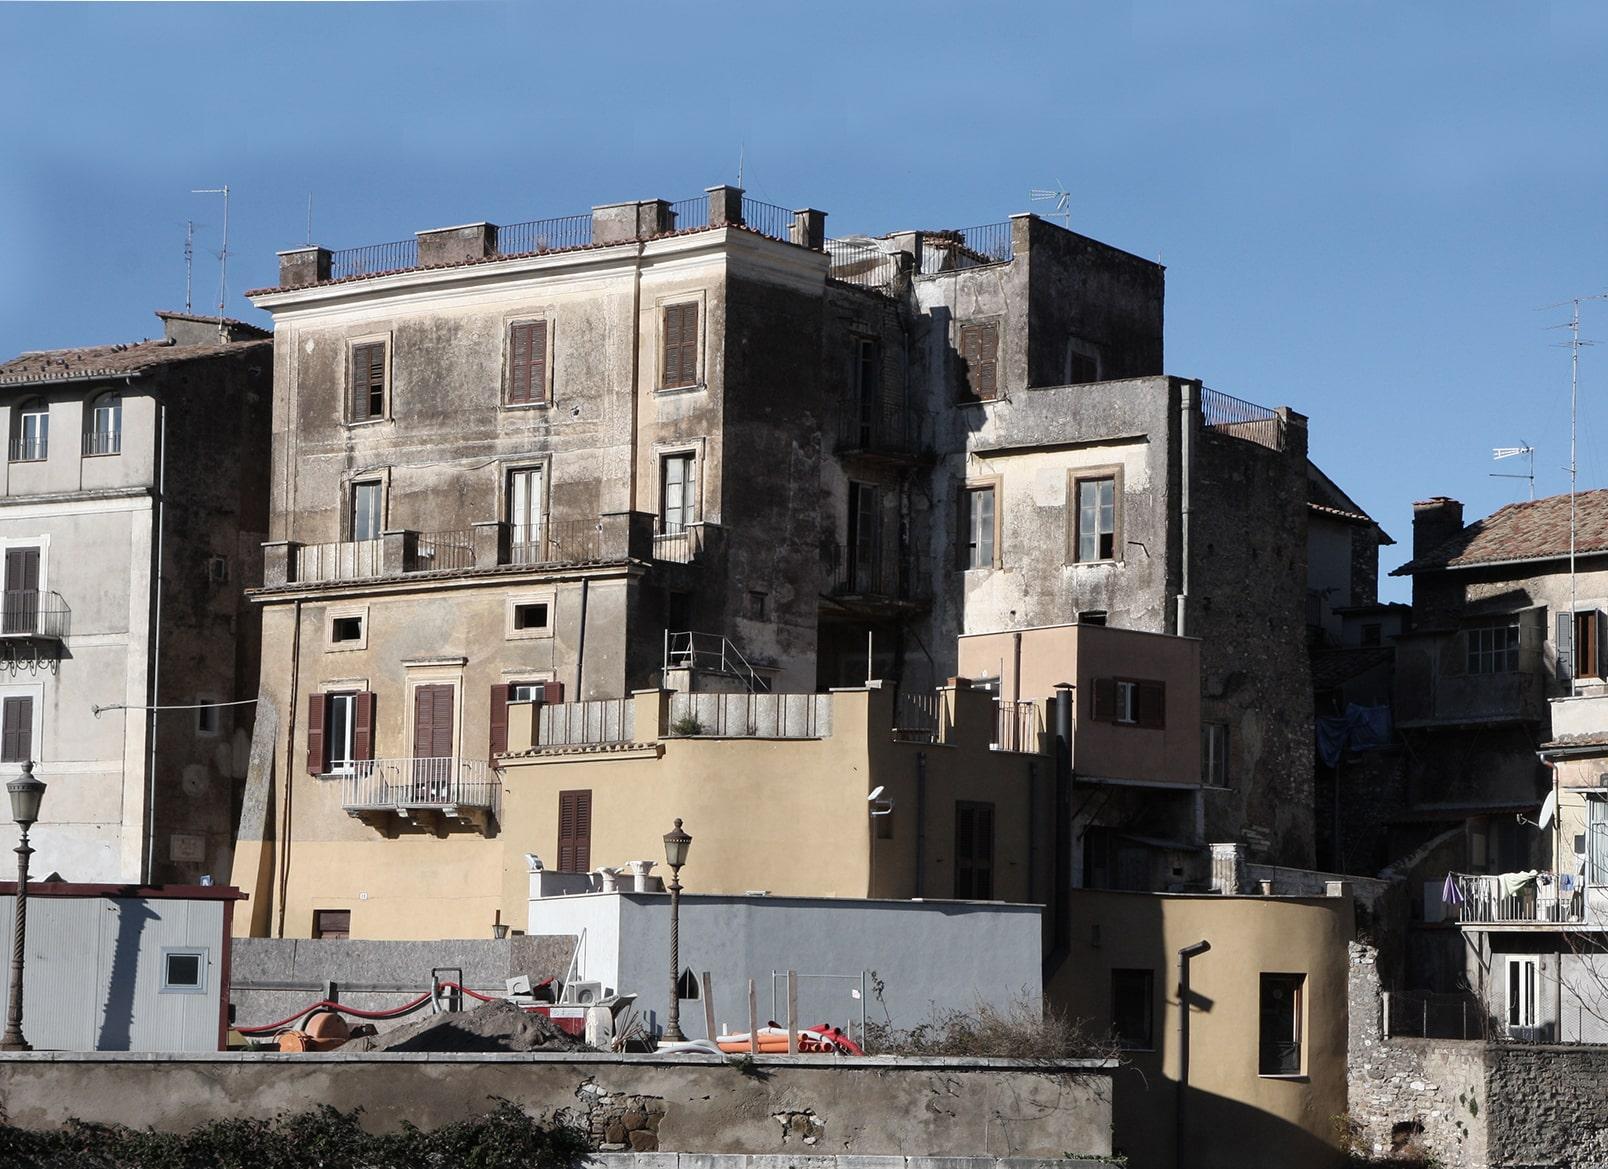 Sparch_Tivoli_Palazzo Piazza Rivarola (Sibilla) - Ante 2